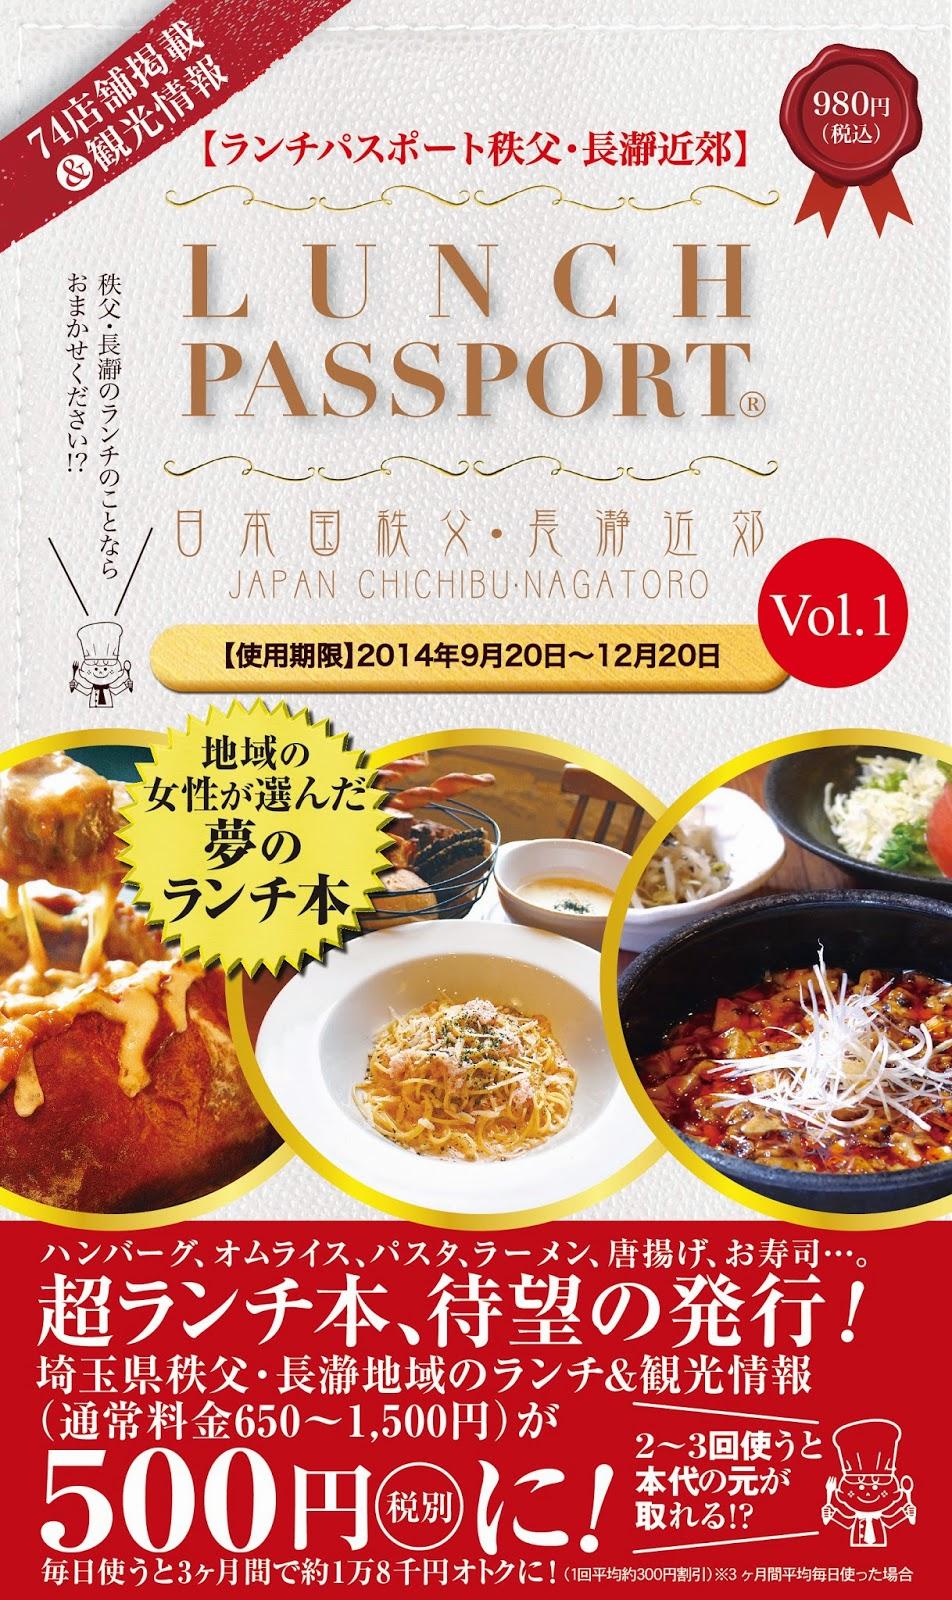 ランチパスポート秩父・長瀞近郊